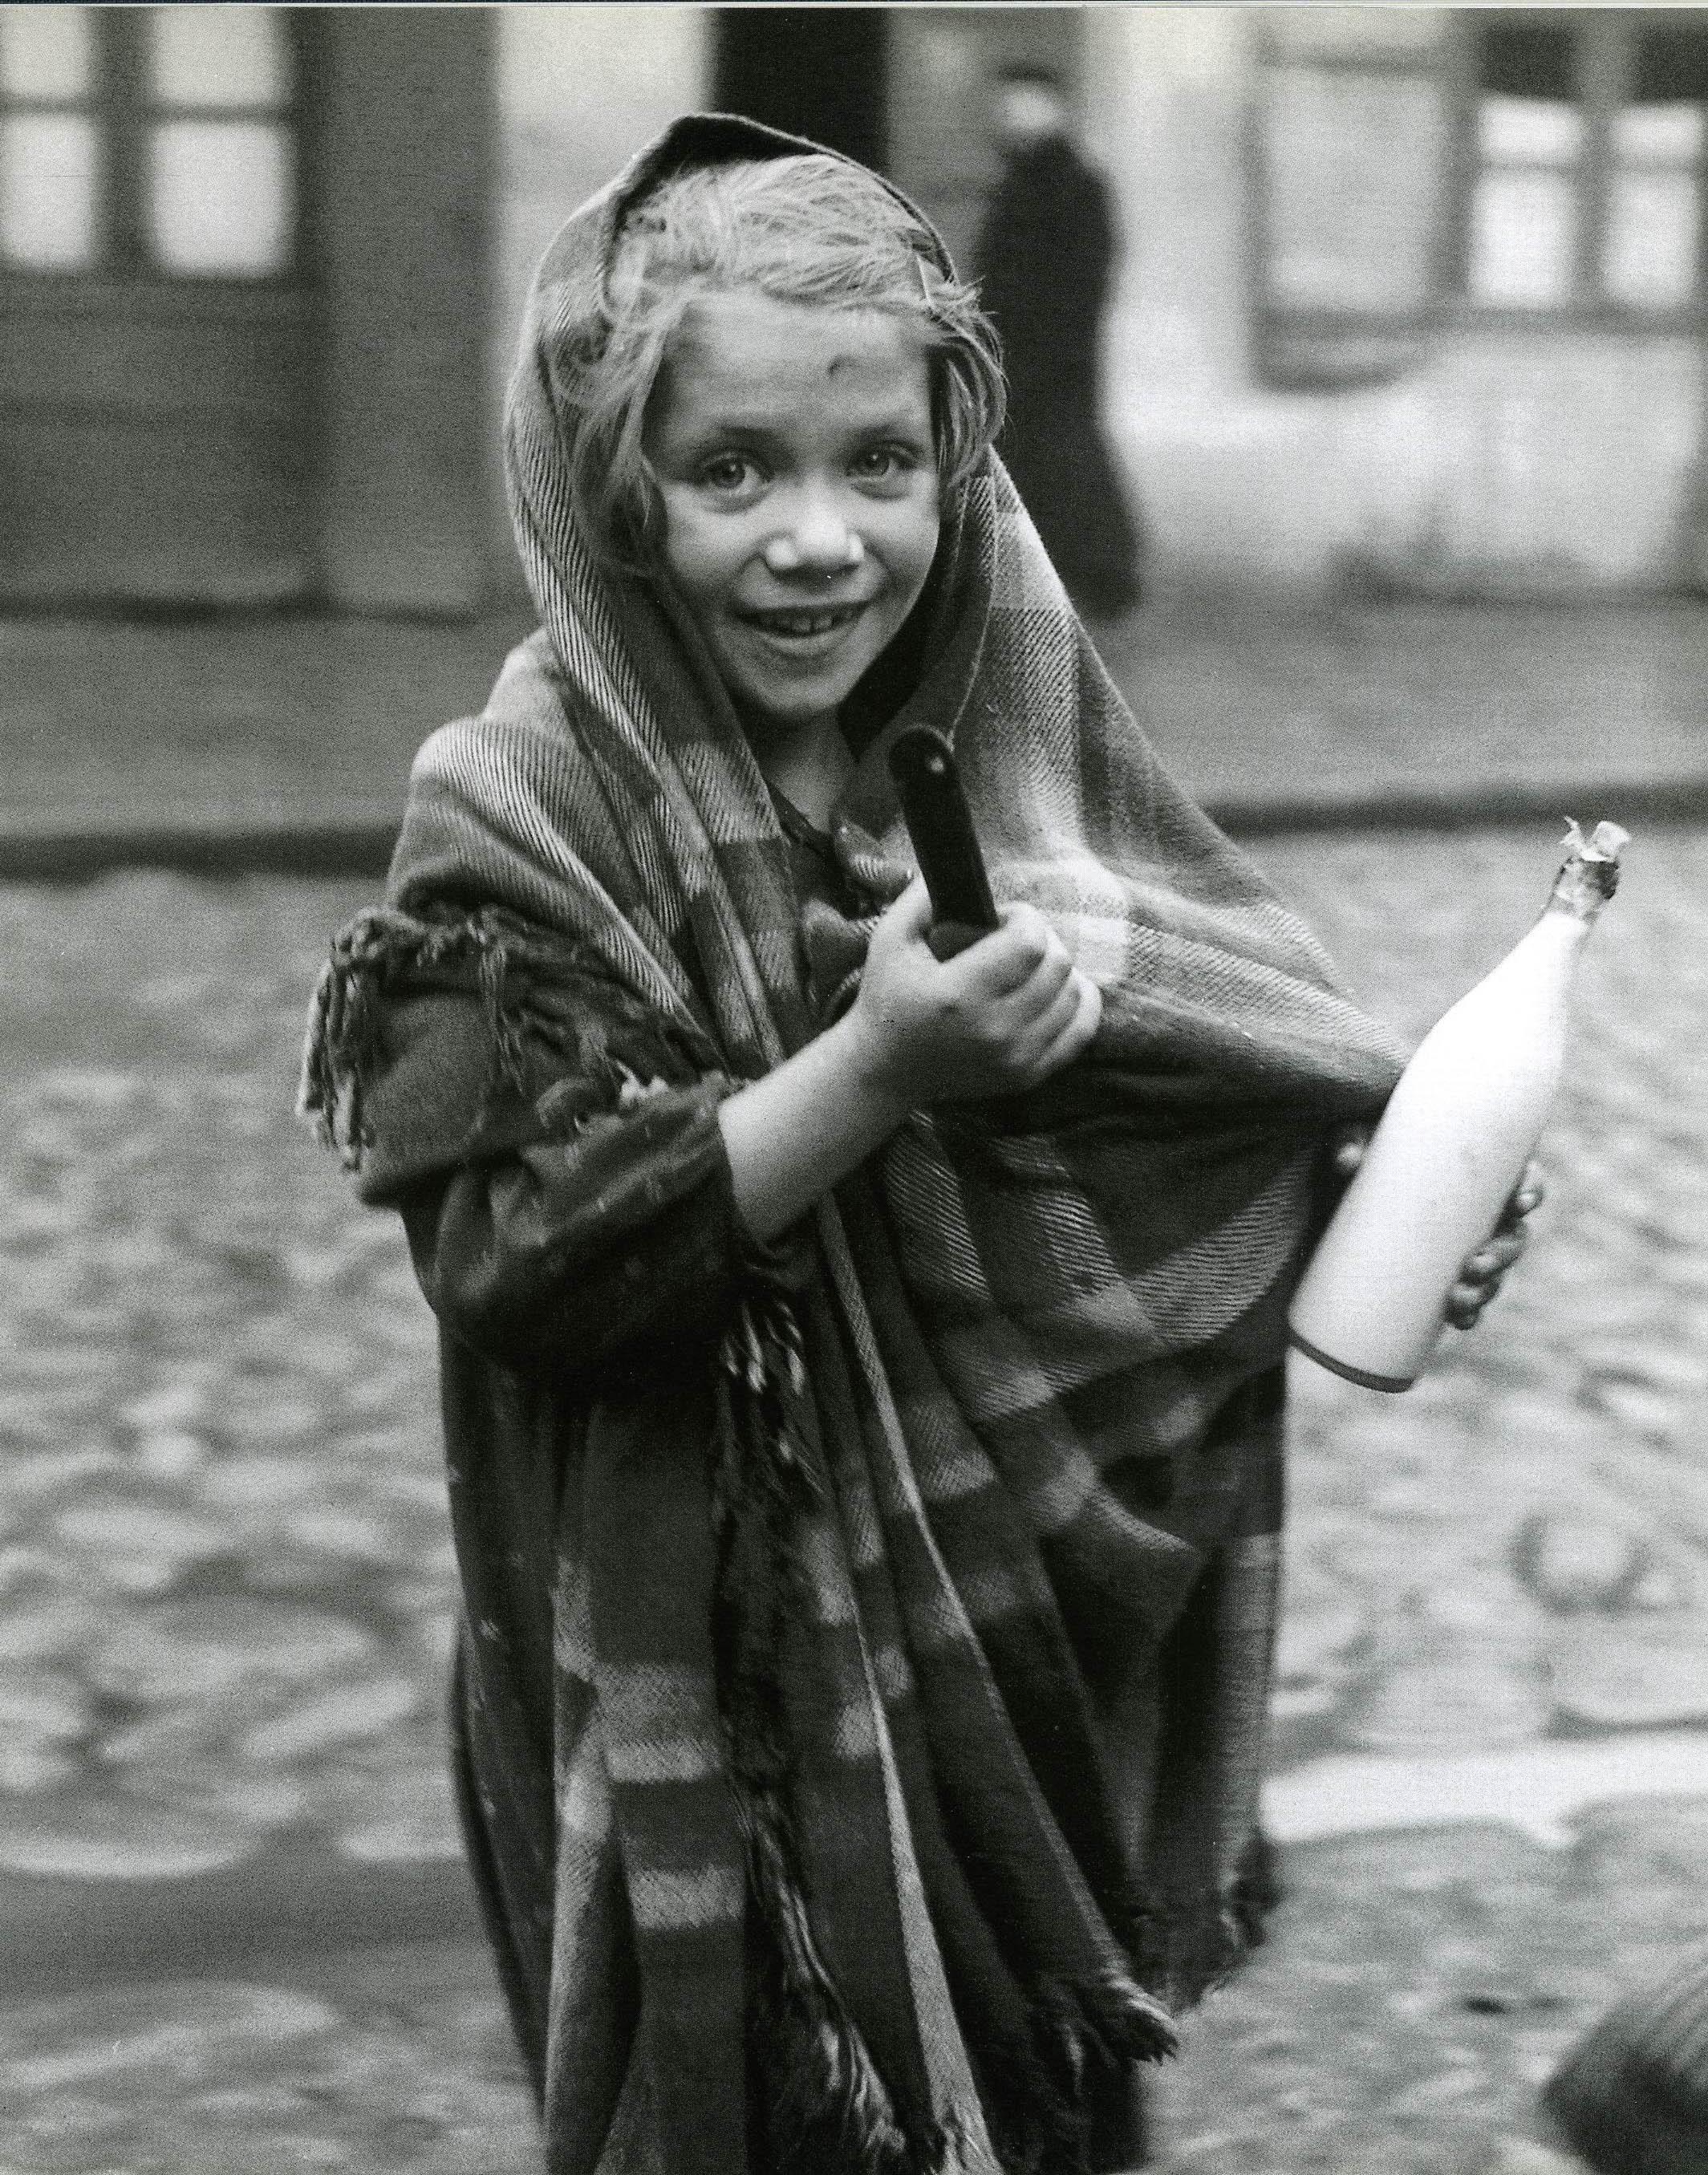 Лодзь. Сельму отправили в магазин за кастрюлькой с супом и бутылкой молока, 1937